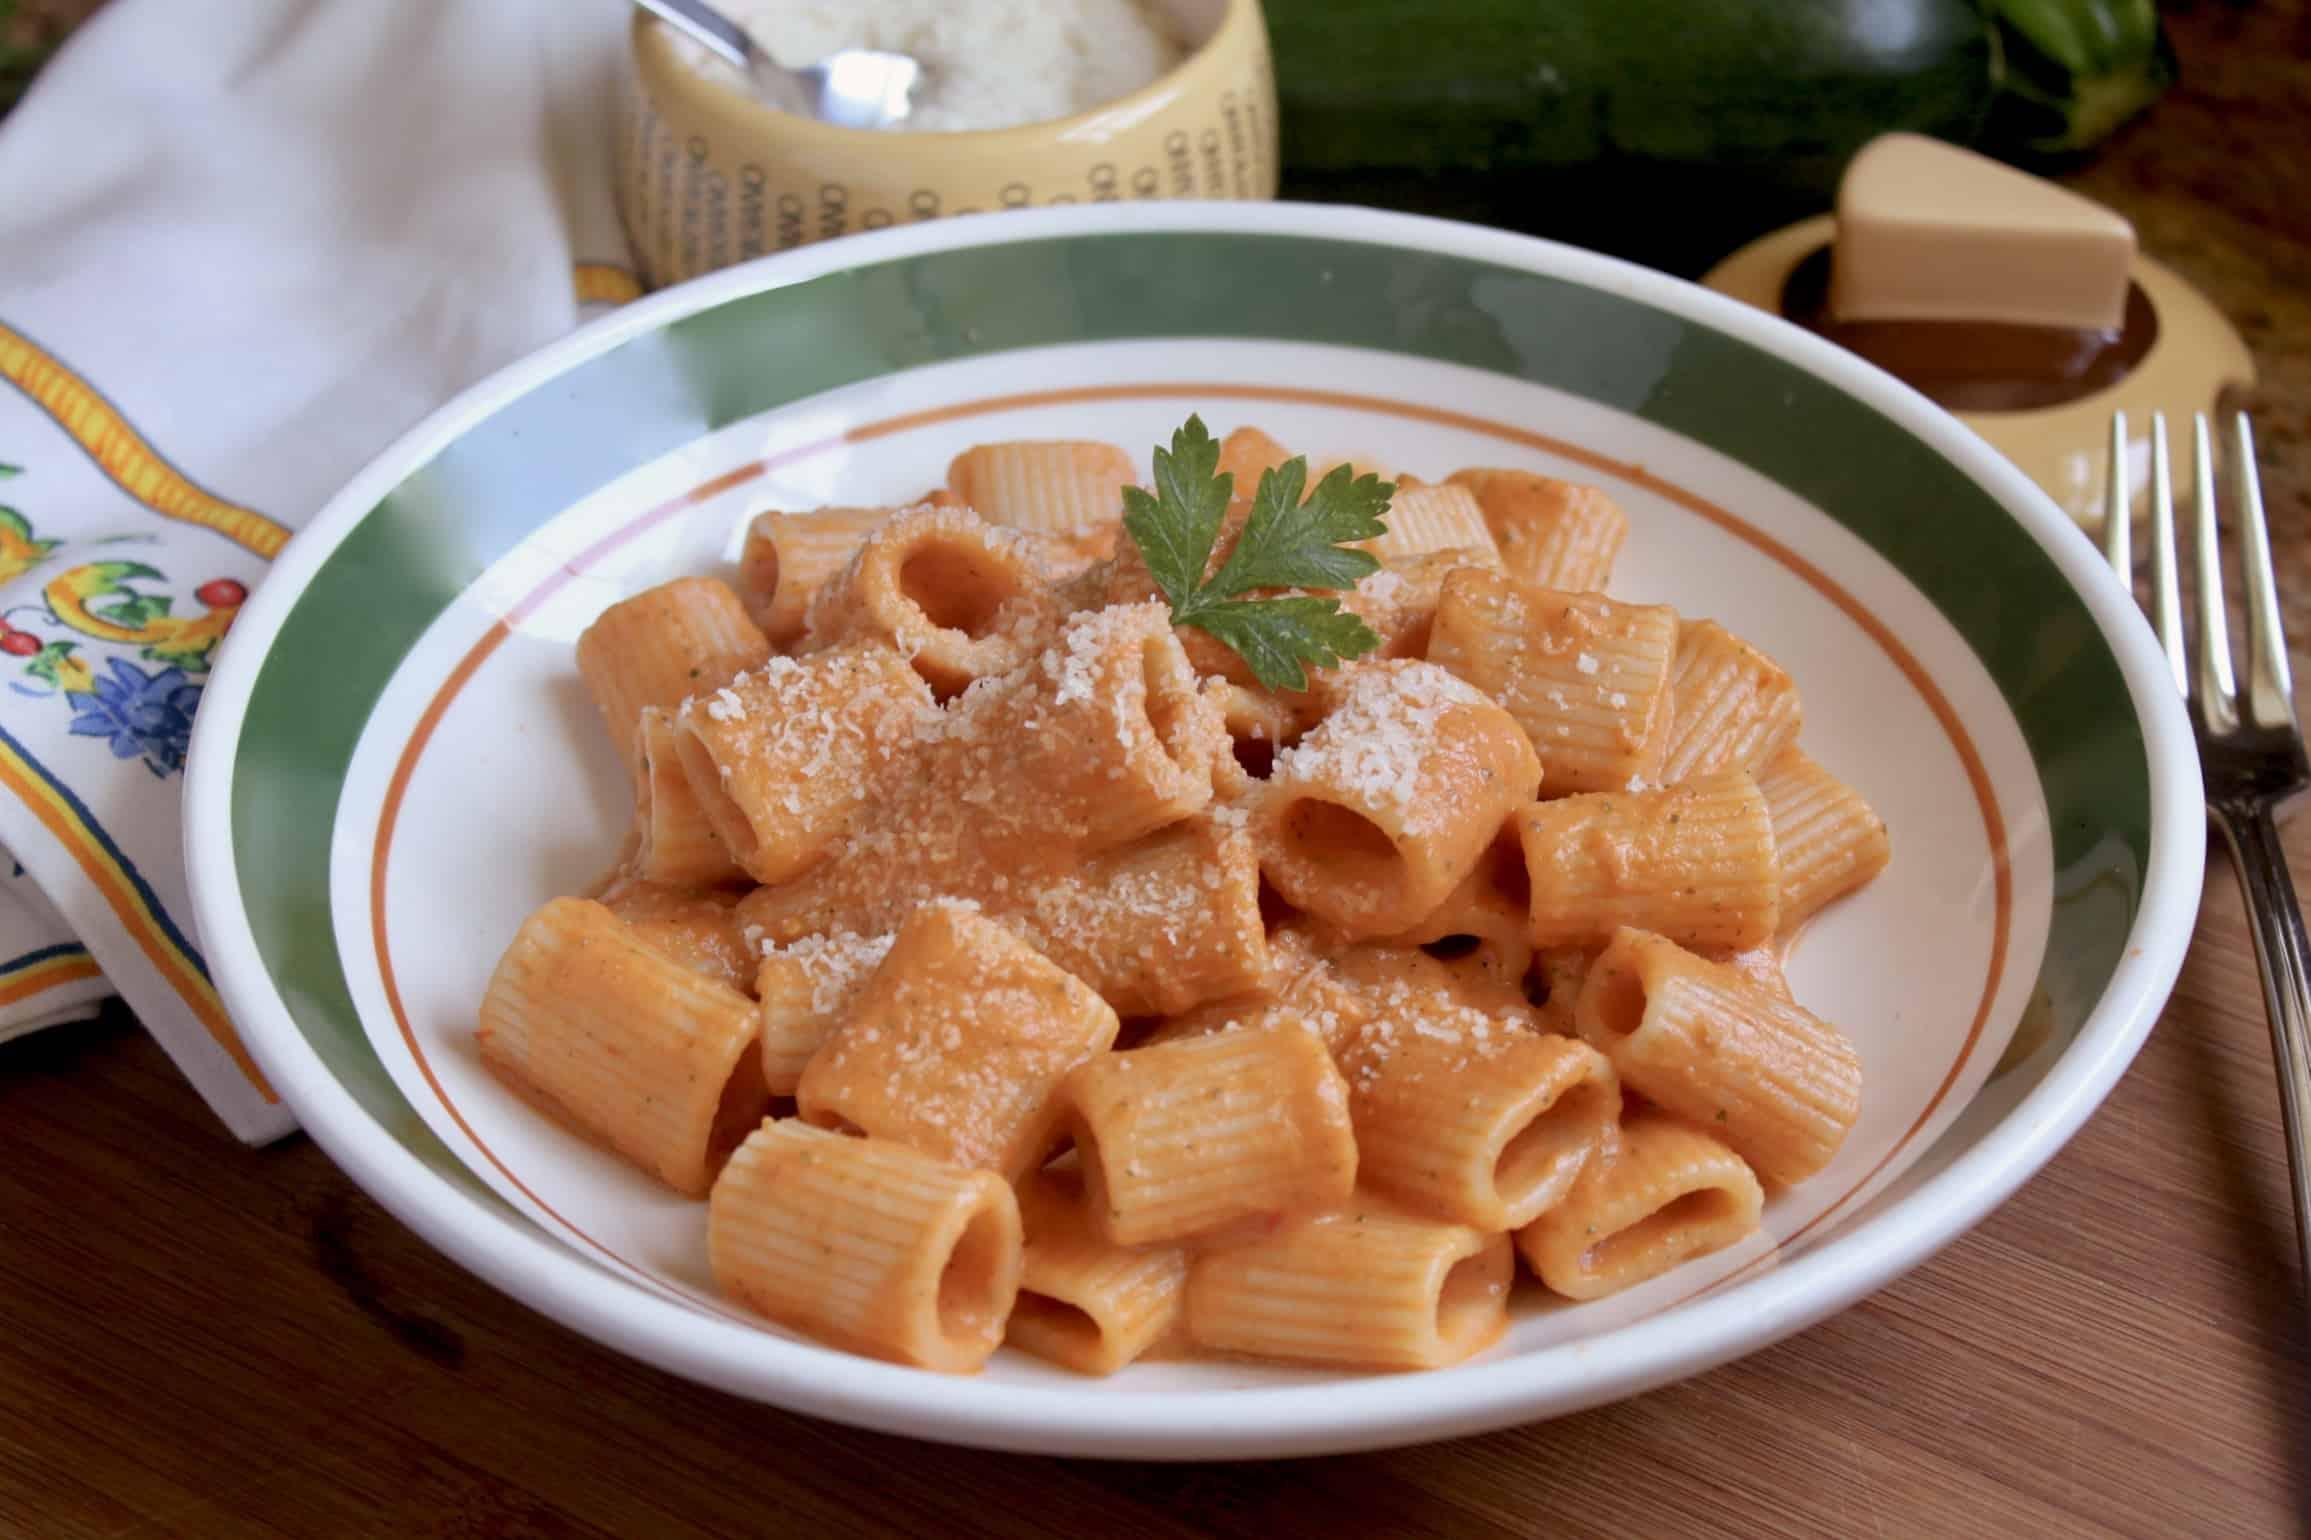 zucchini pasta in a bowl